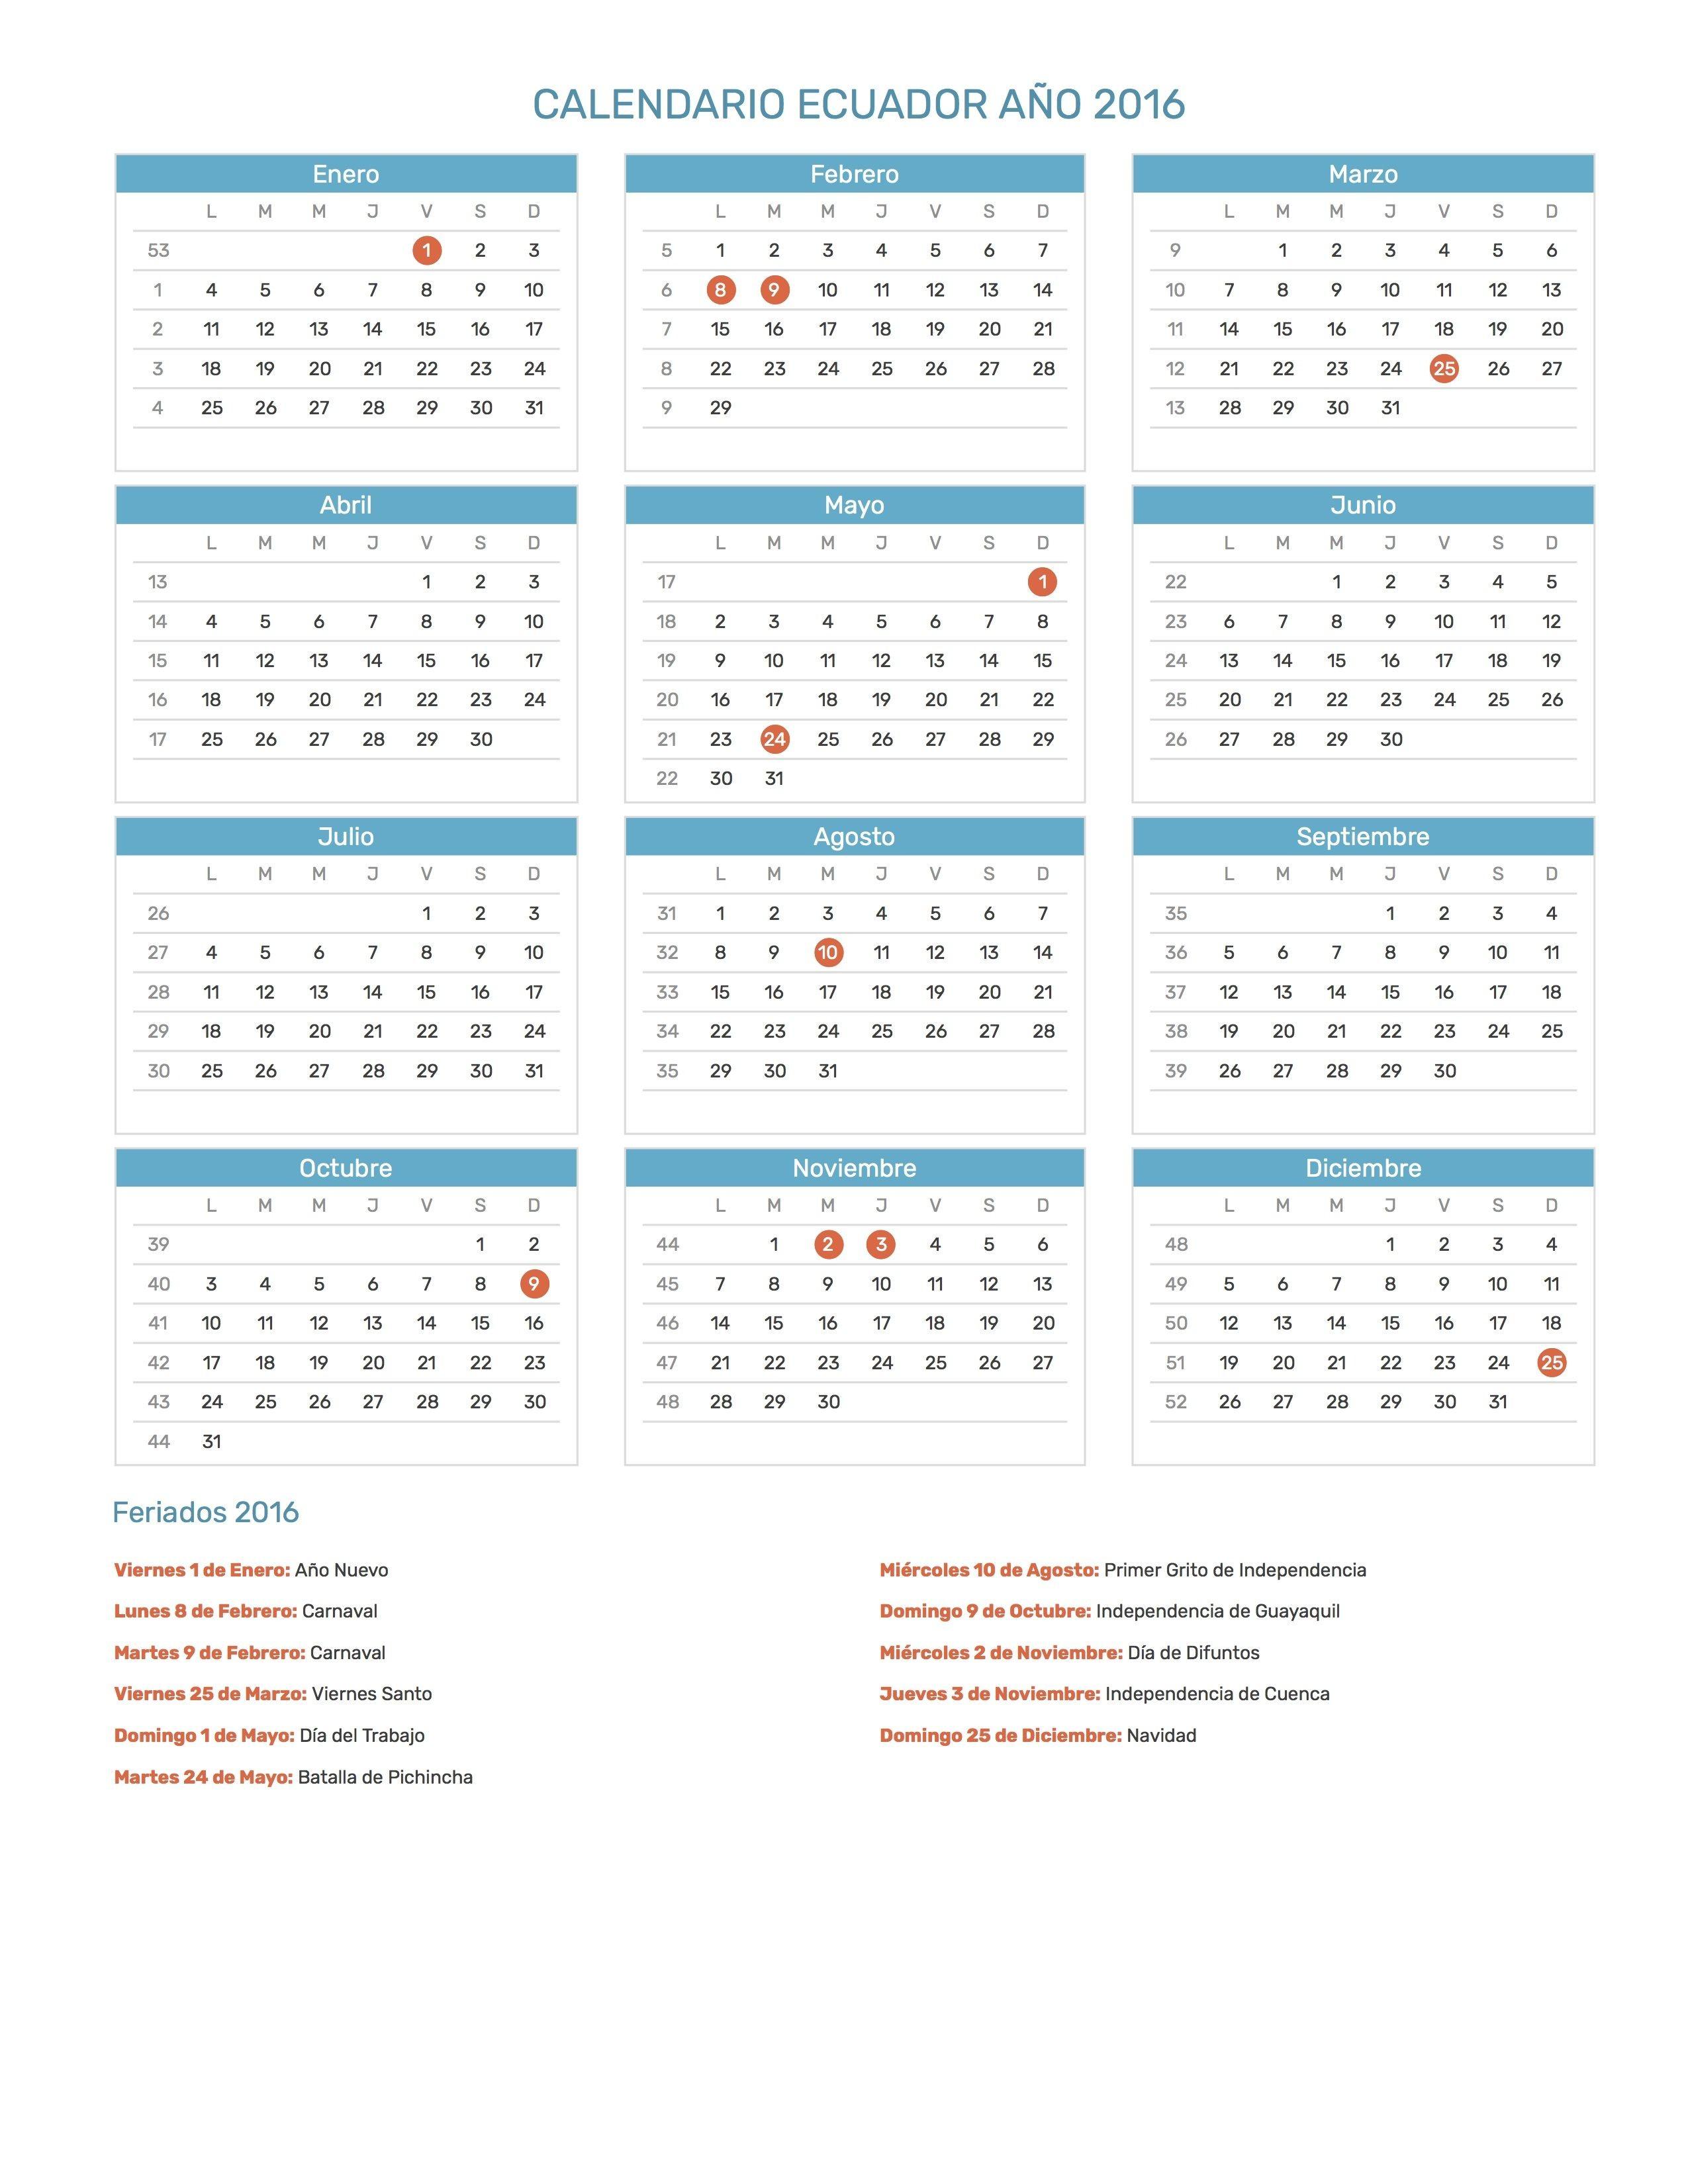 Calendario Escolar 2019 Panama Gaceta Oficial Más Arriba-a-fecha Pin De Calendario Hispano En Calendario Con Feriados A±o 2016 Of Calendario Escolar 2019 Panama Gaceta Oficial Más Recientemente Liberado Calaméo Jornadas De Investigacion 2017